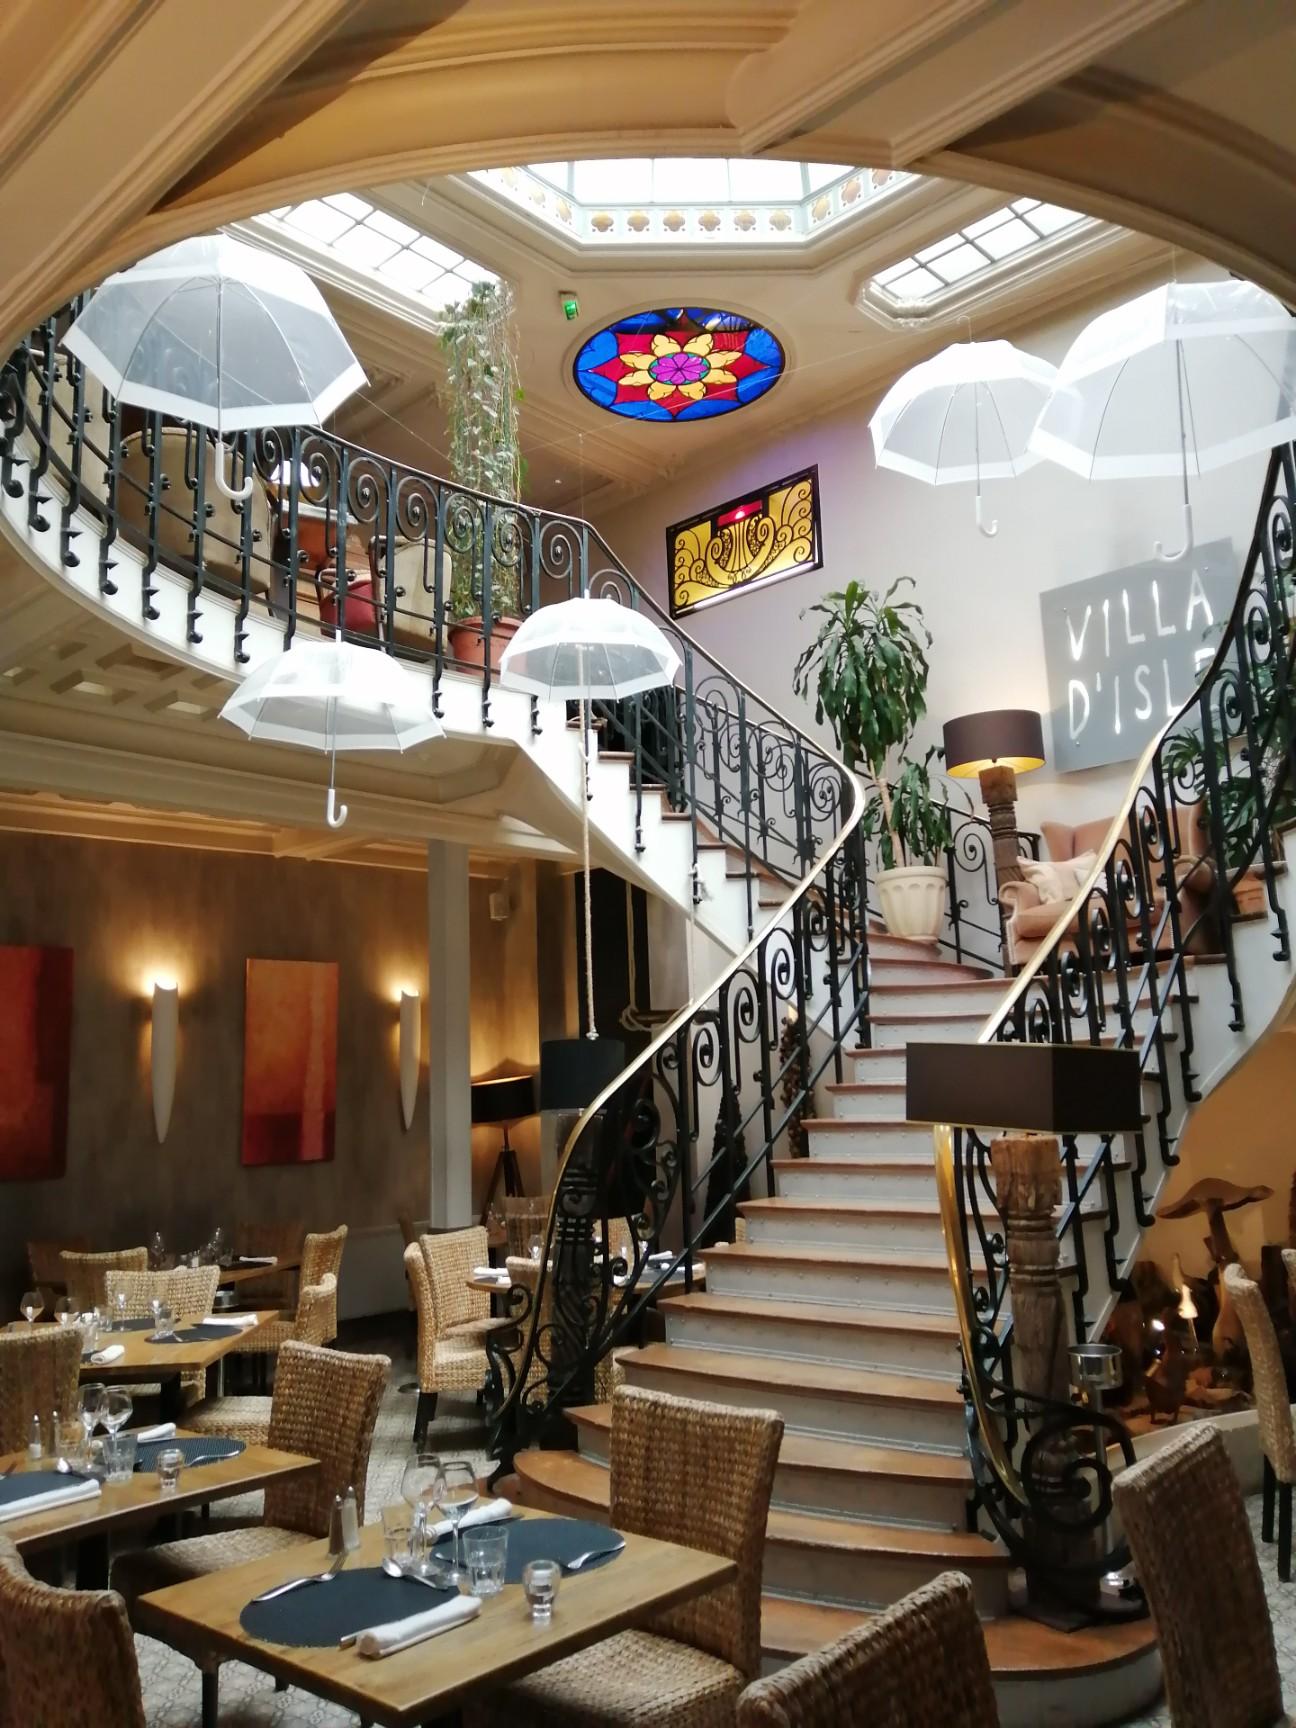 Les escaliers de la Villa d'Isle